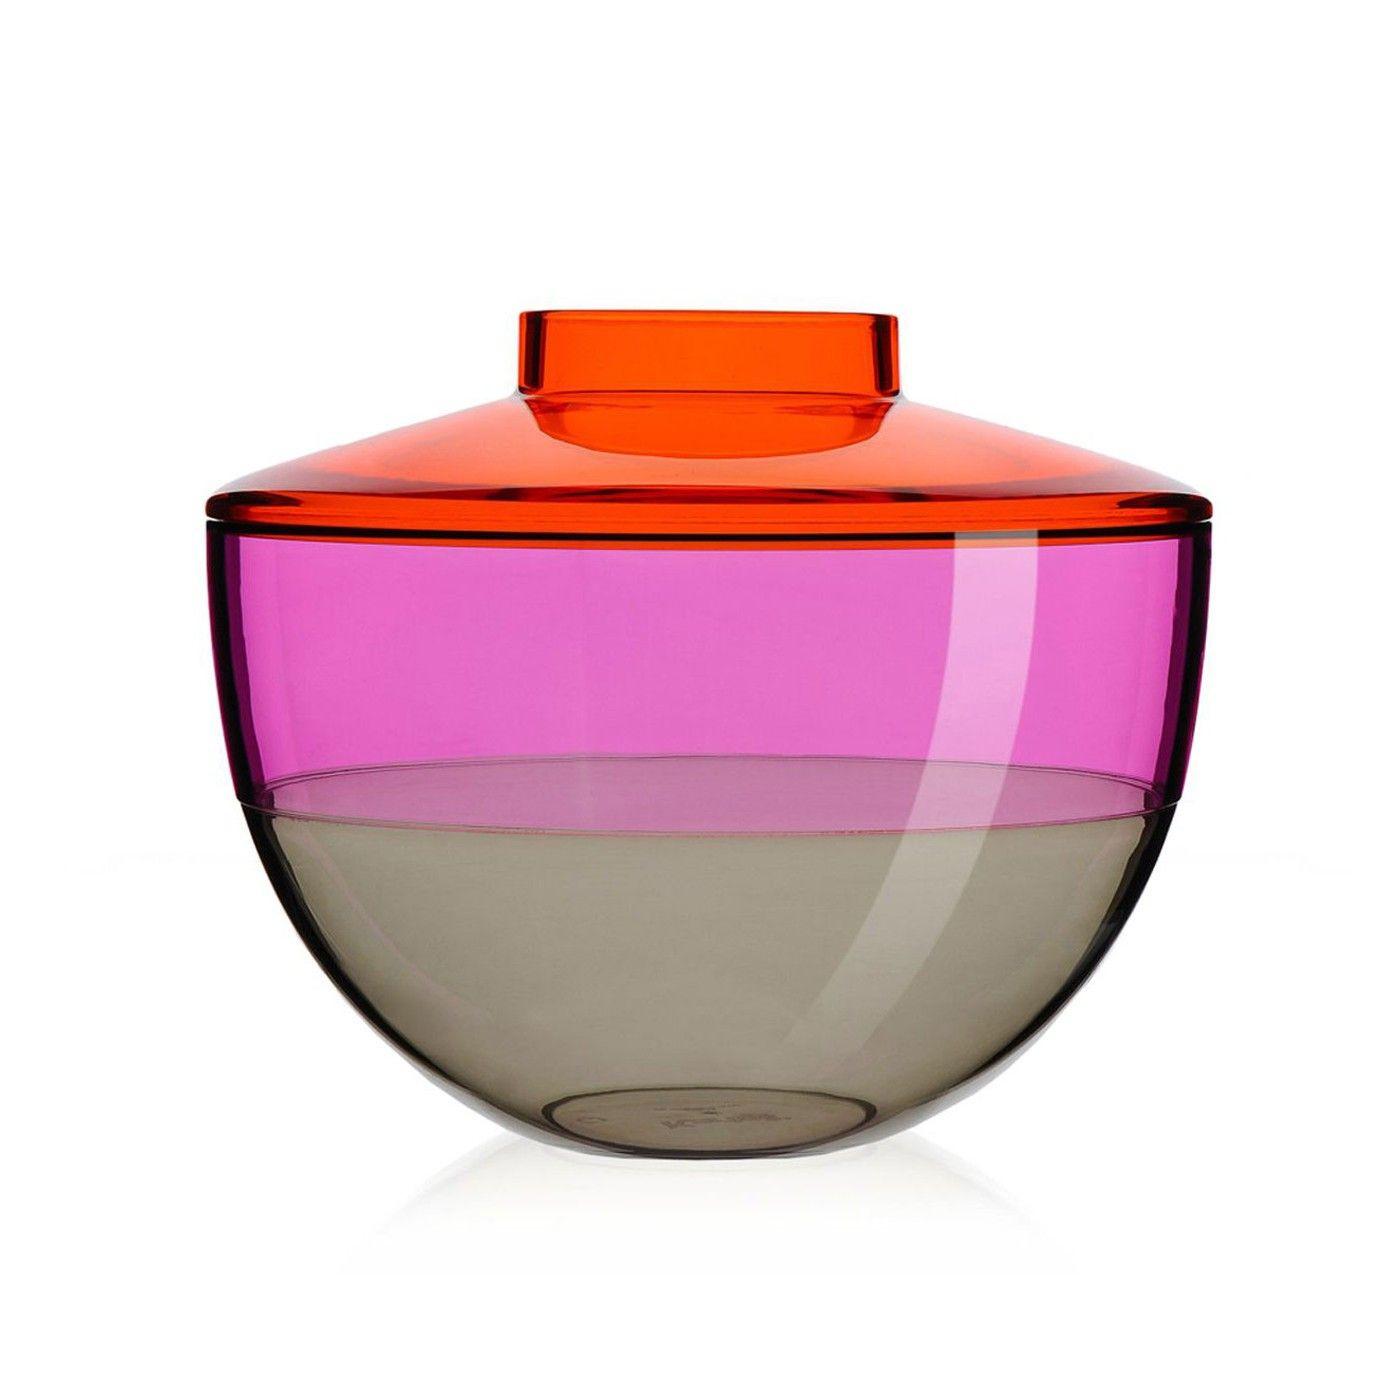 small plastic vases of shibuya vase moldings venetian and tabletop within shibuya vase